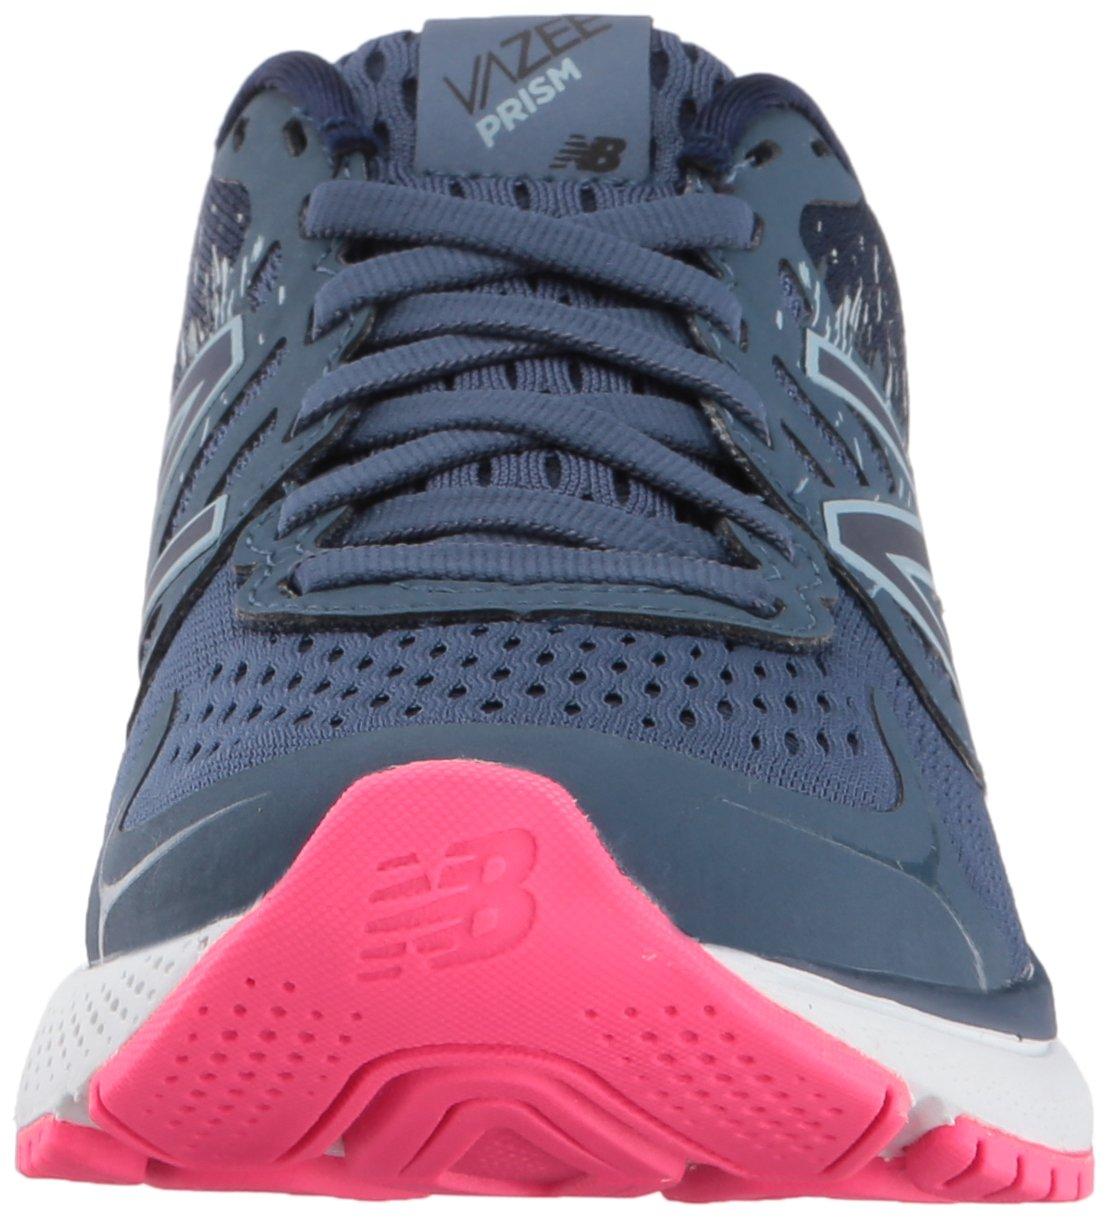 Plush jazyk a obojek textilie obložení nabízí skvělé boty cítit pěnová  vložka.REVlite mezipodešev dodává optimální odezva a trvanlivost bez  kompromisů ... 2acb2ce4c7